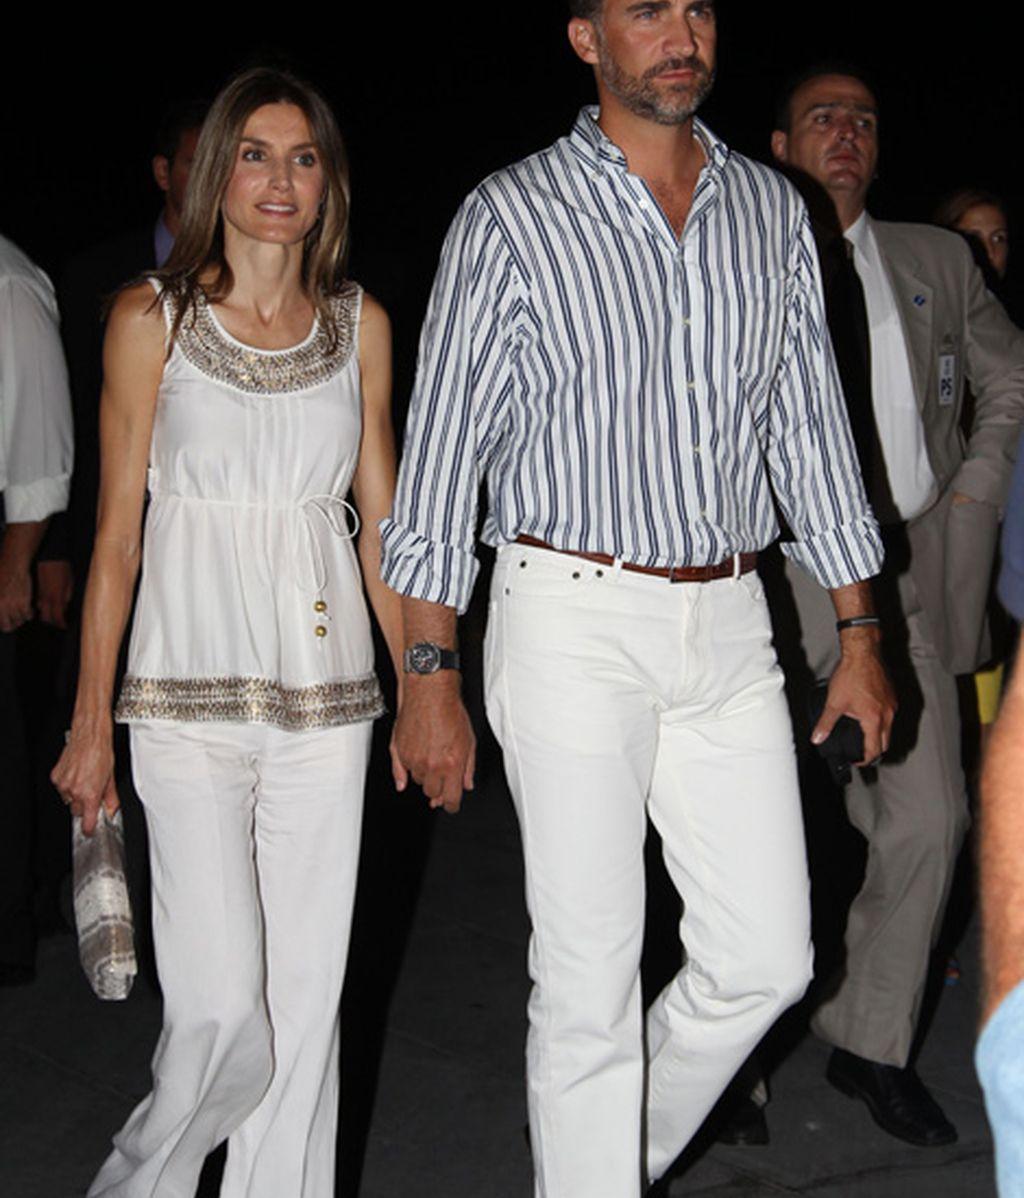 Fiesta previa a la boda de Nicolás de Grecia y Tatiana Blatnik (agosto de 2010)